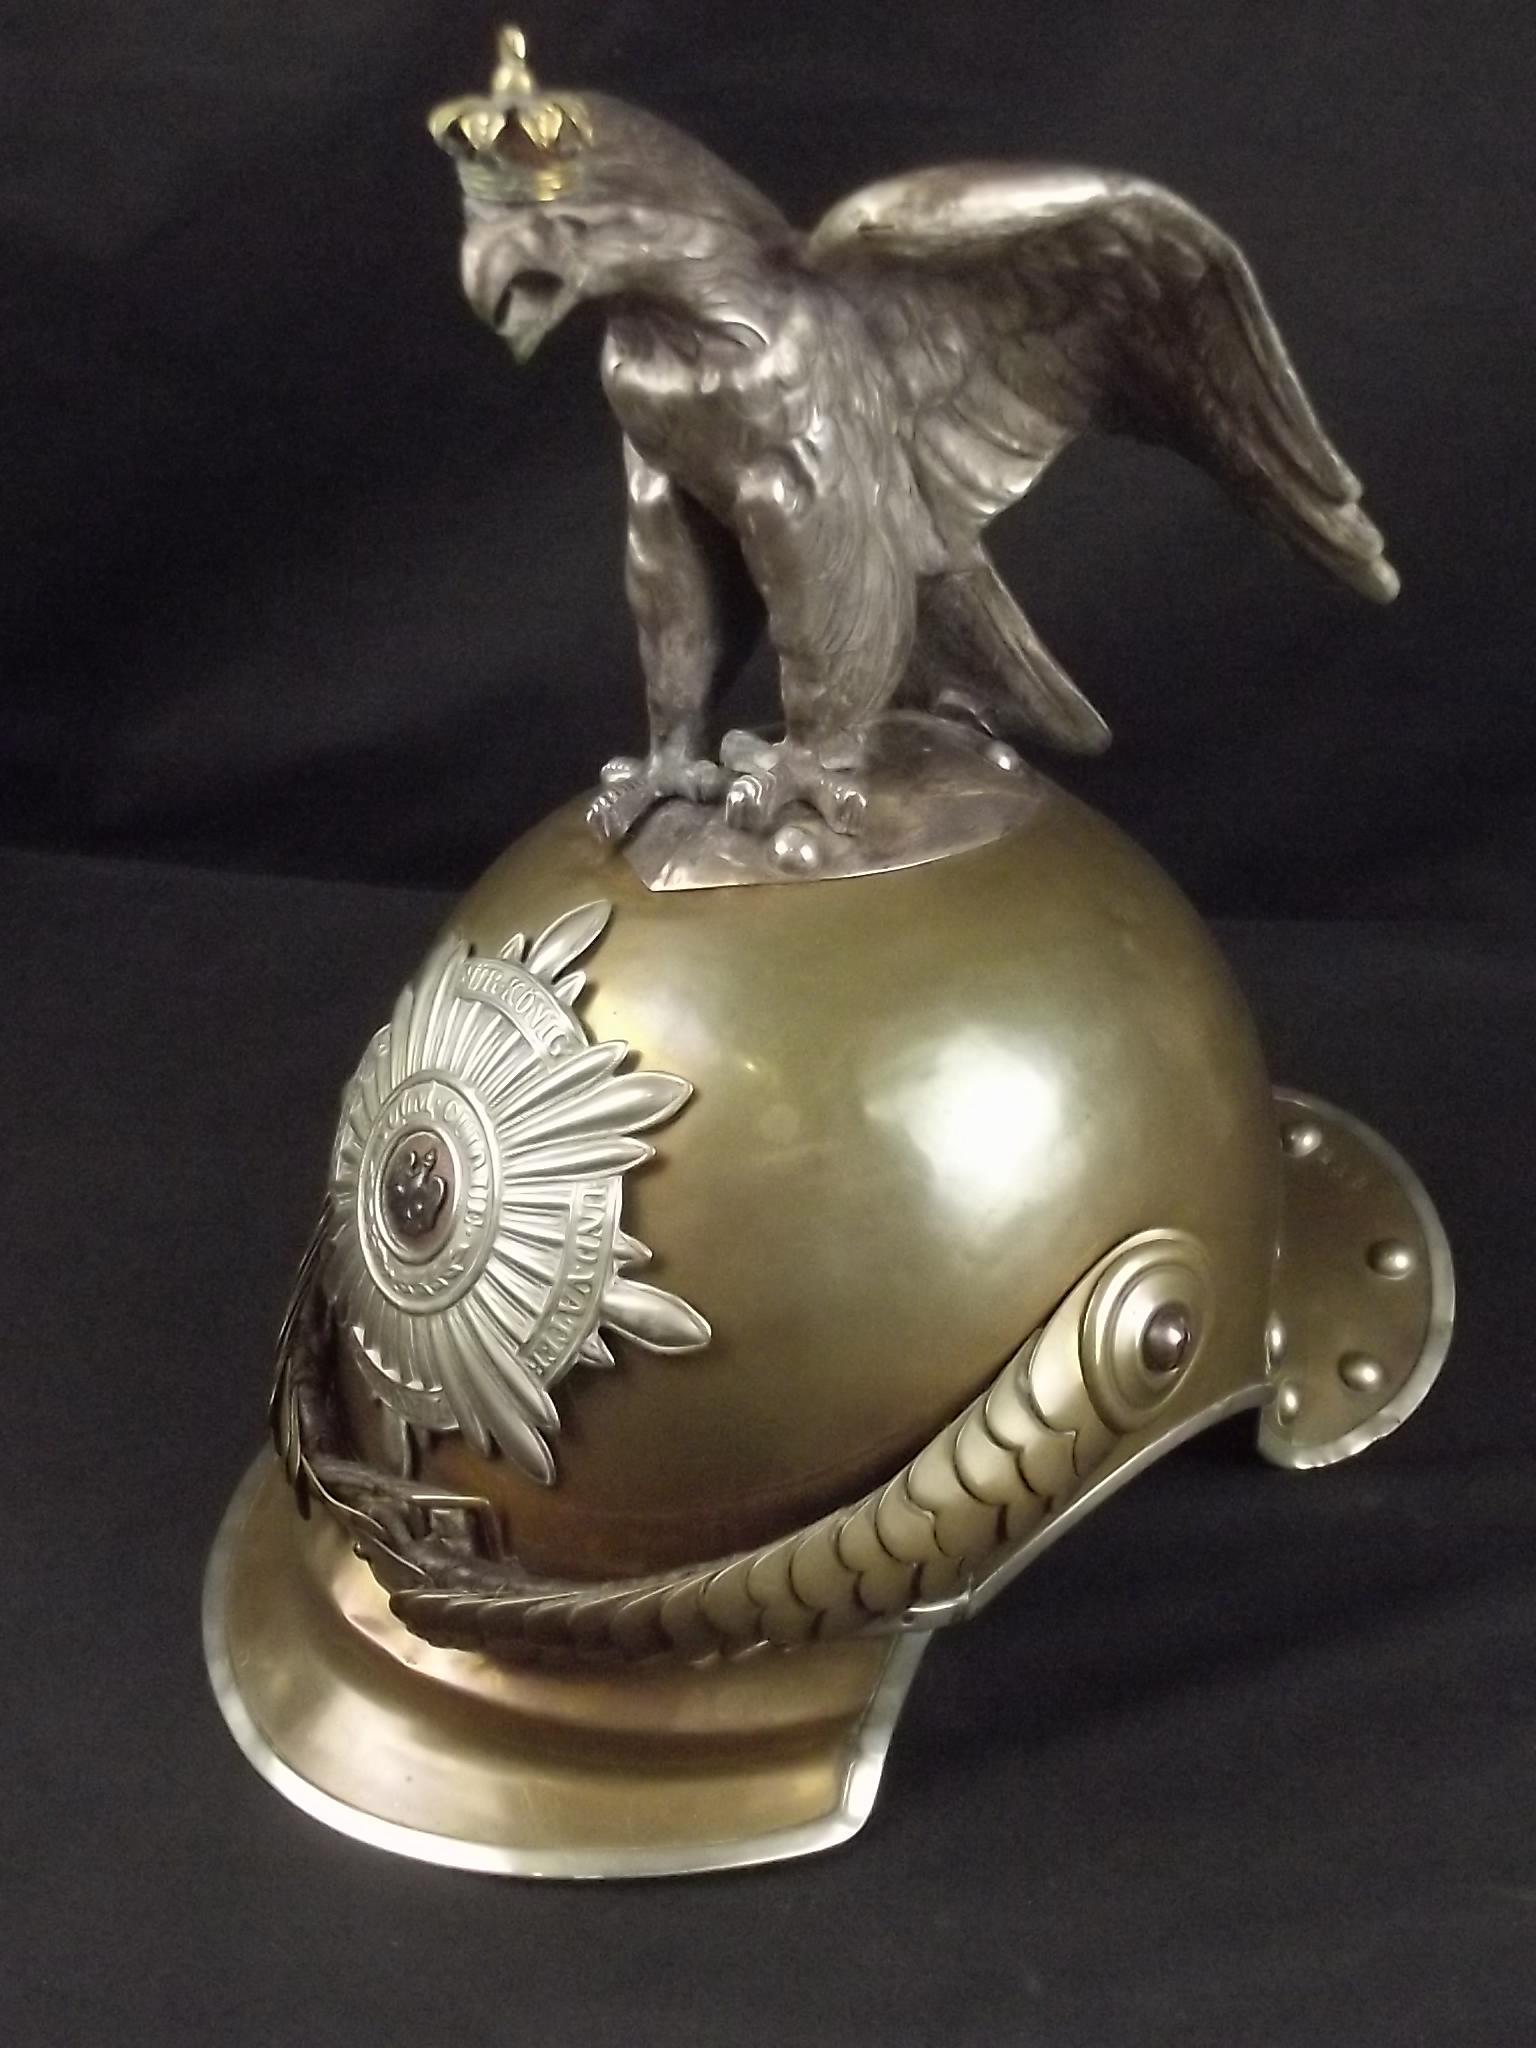 prussian garde du corps enlisted mans helmet jaeger. Black Bedroom Furniture Sets. Home Design Ideas